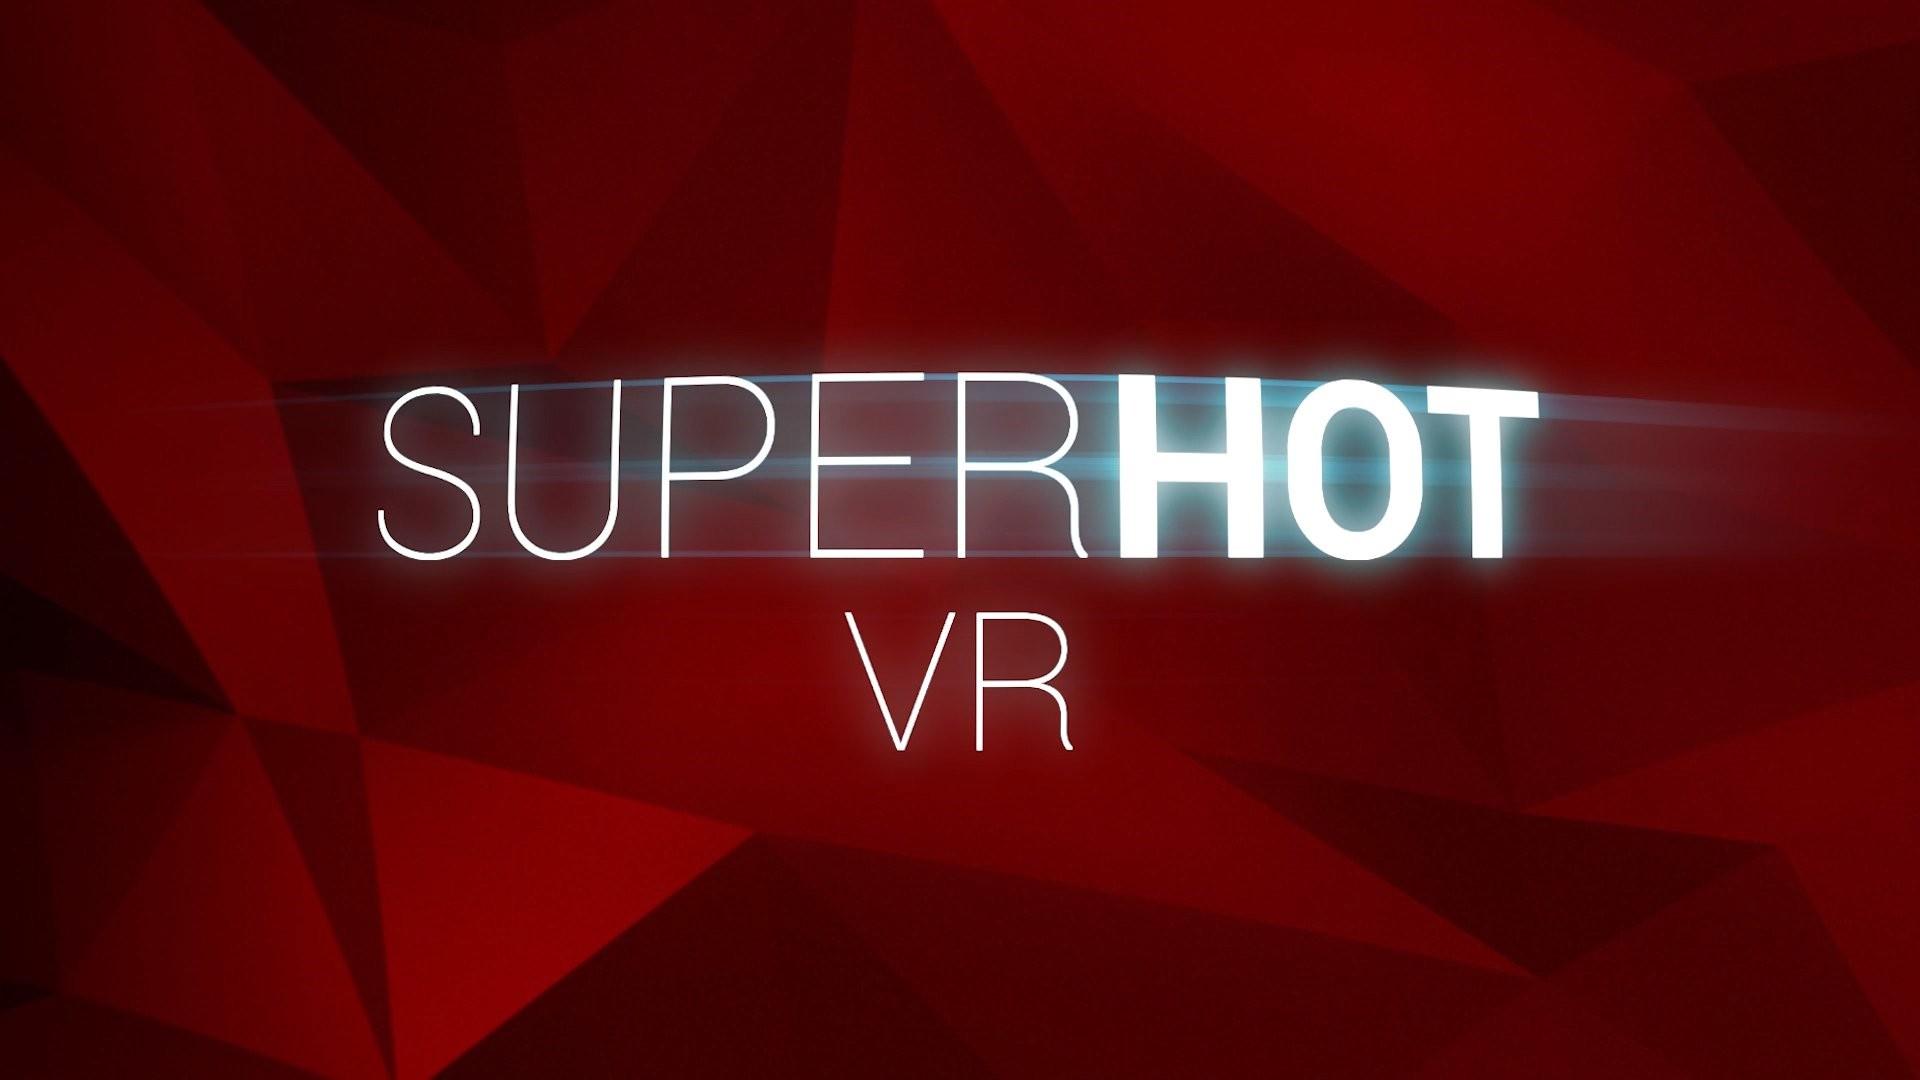 射击游戏《SUPERHOT VR》将于今夏登陆PSVR